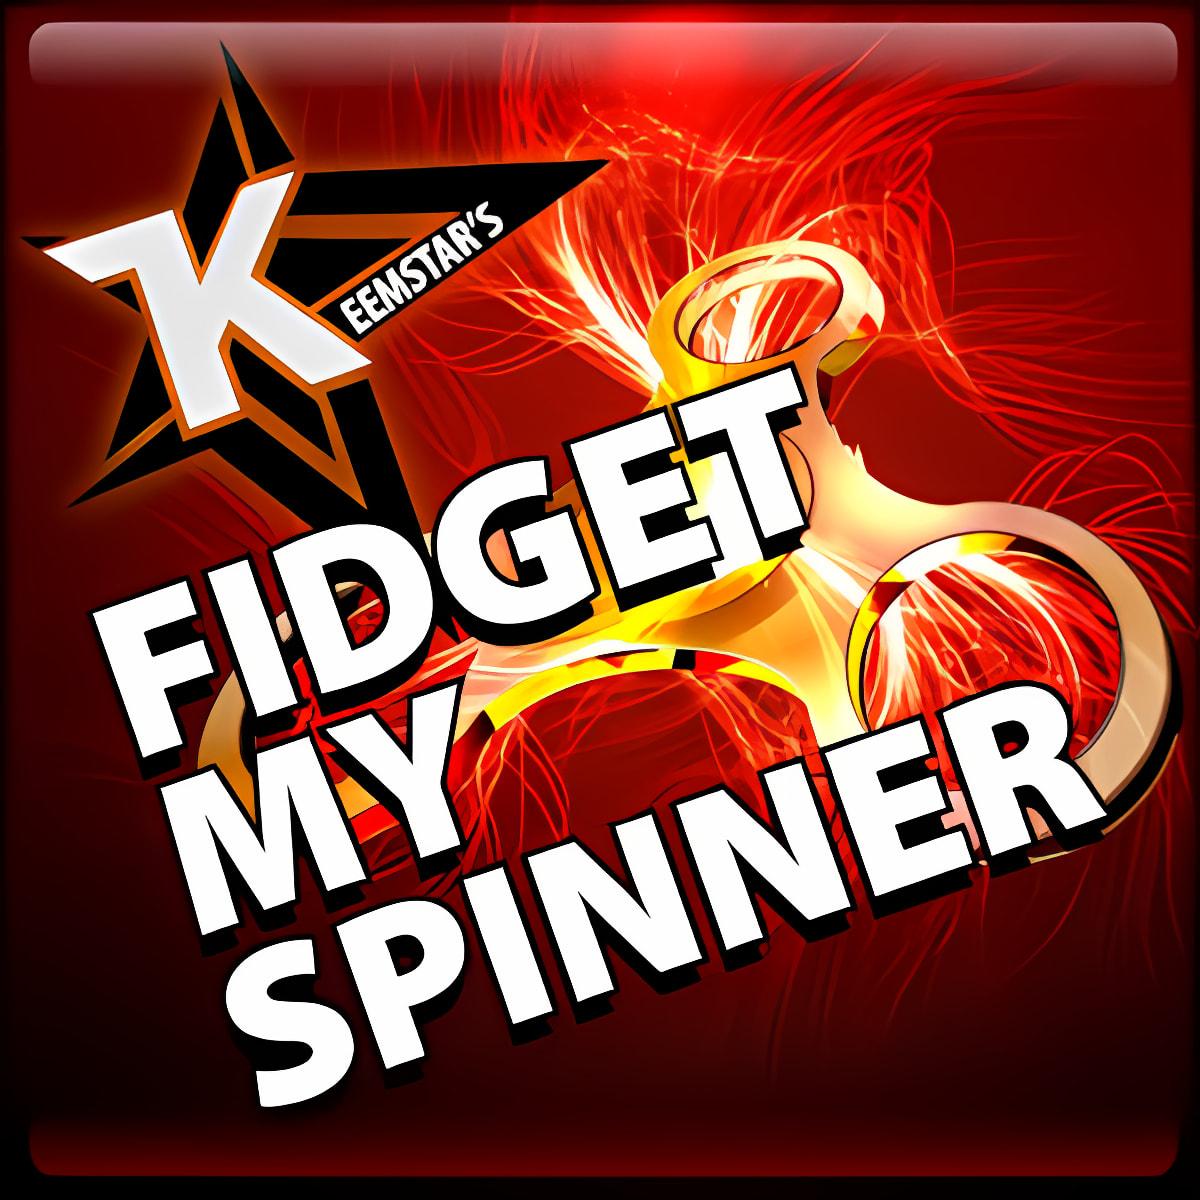 KeemStar's Fidget Spinner 1.0